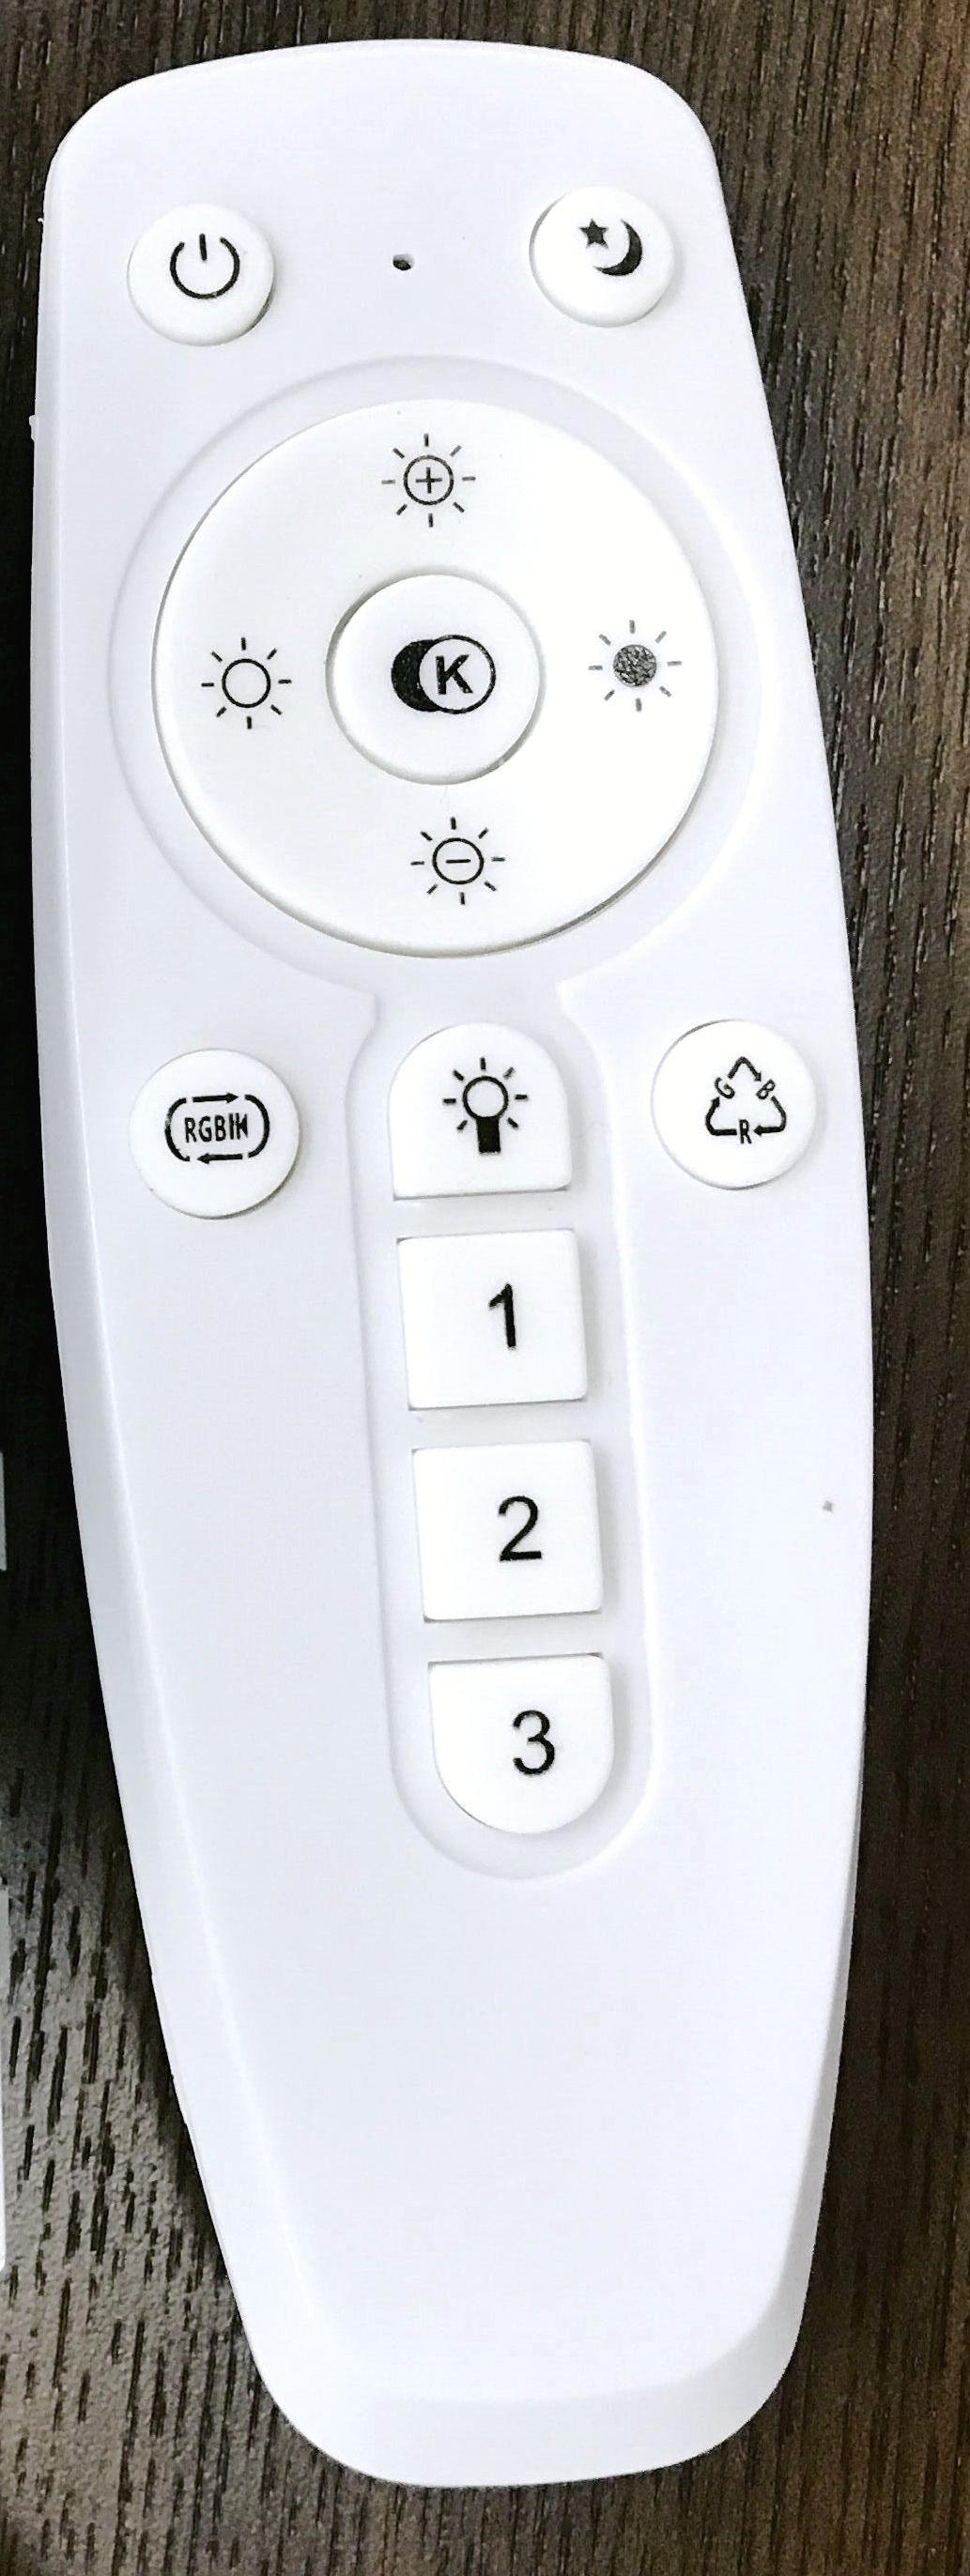 2.4G无极调光隔离款规格书 无频闪 同步性能好 暖白两色无极调光